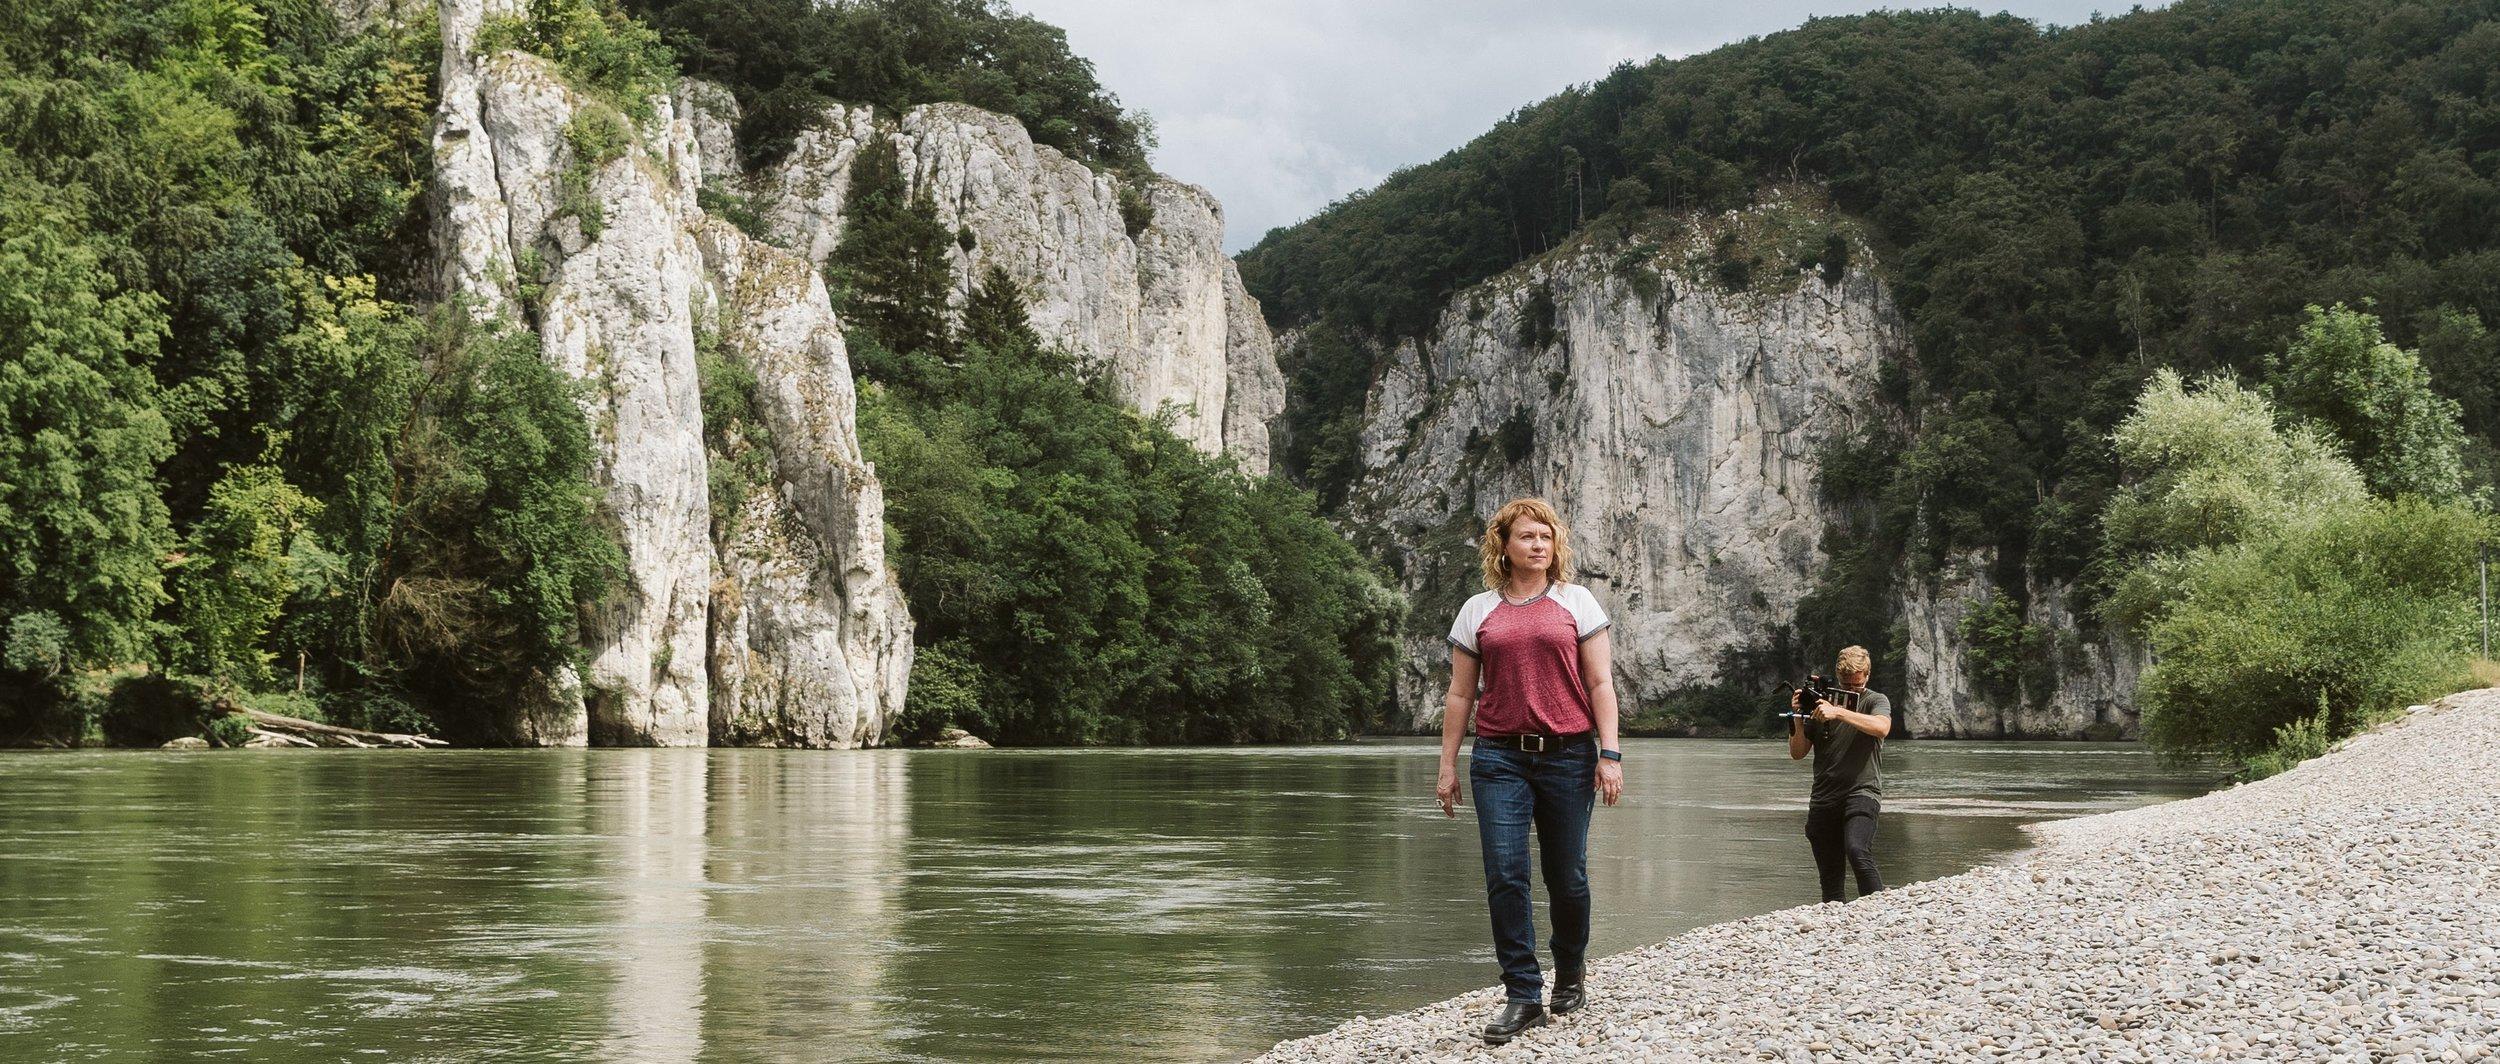 Tonya Cornett takes in the surrounding Bavarian landscape.